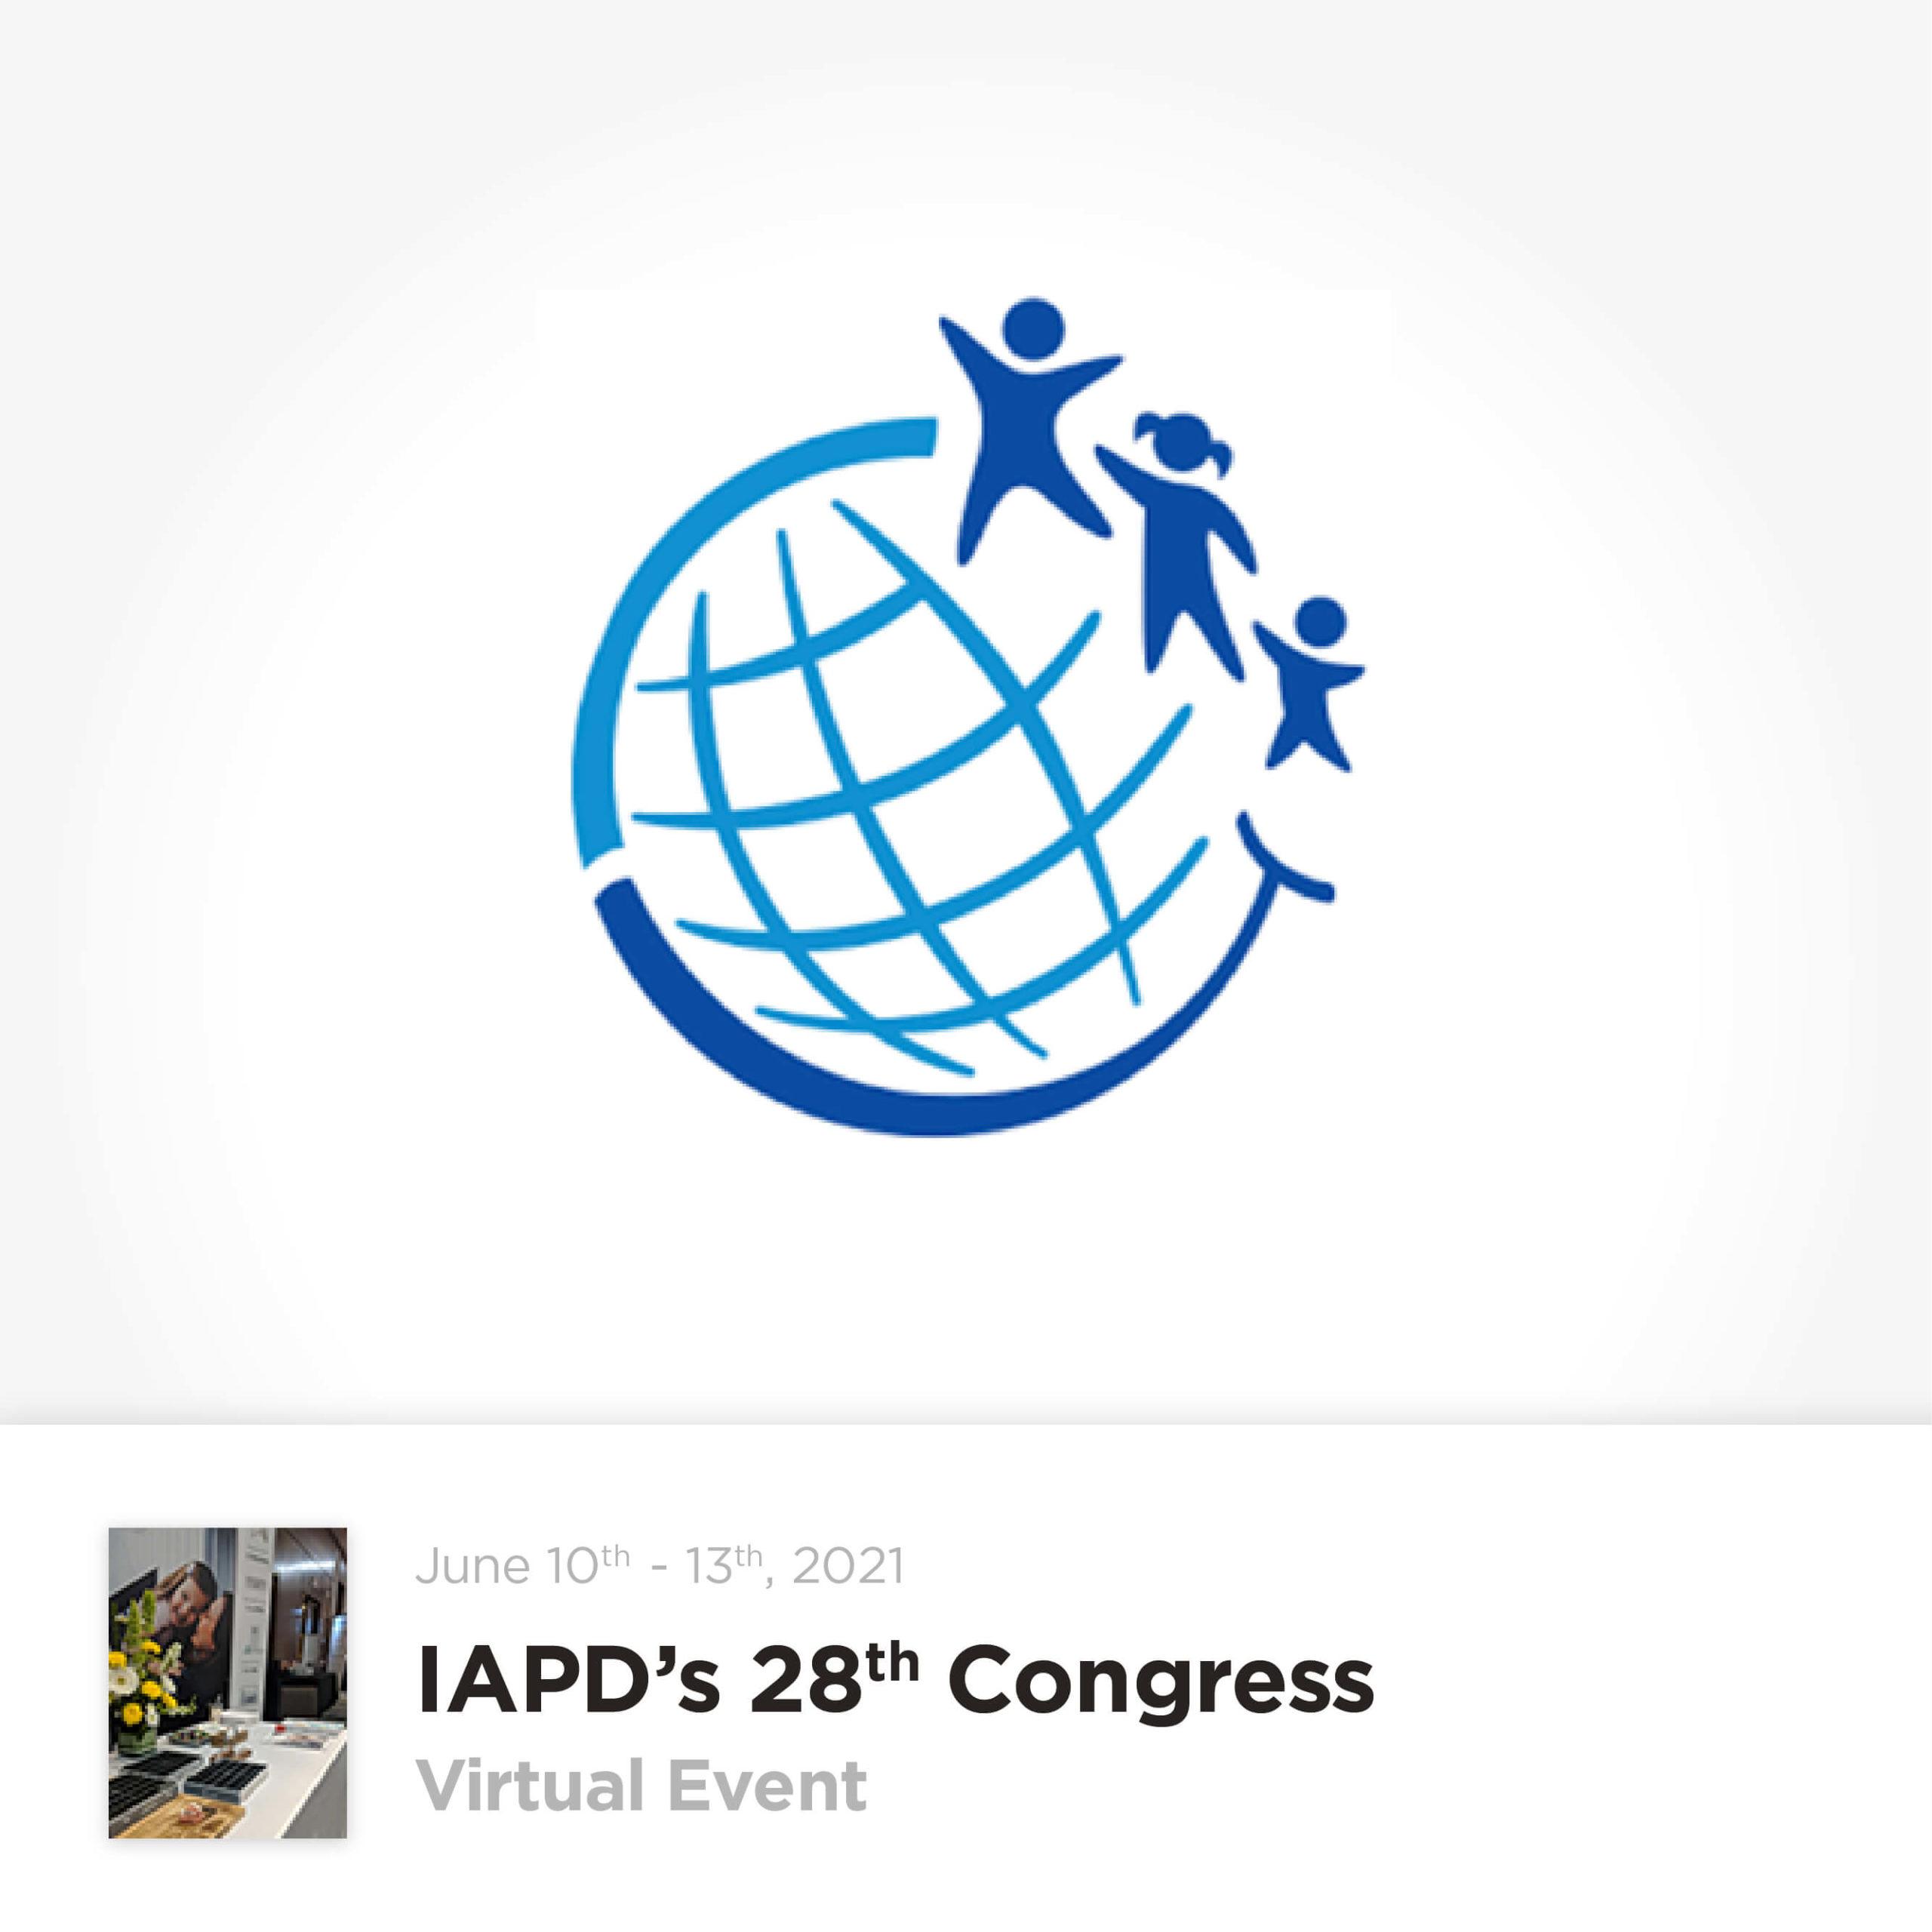 IAPD21-Jun10-13